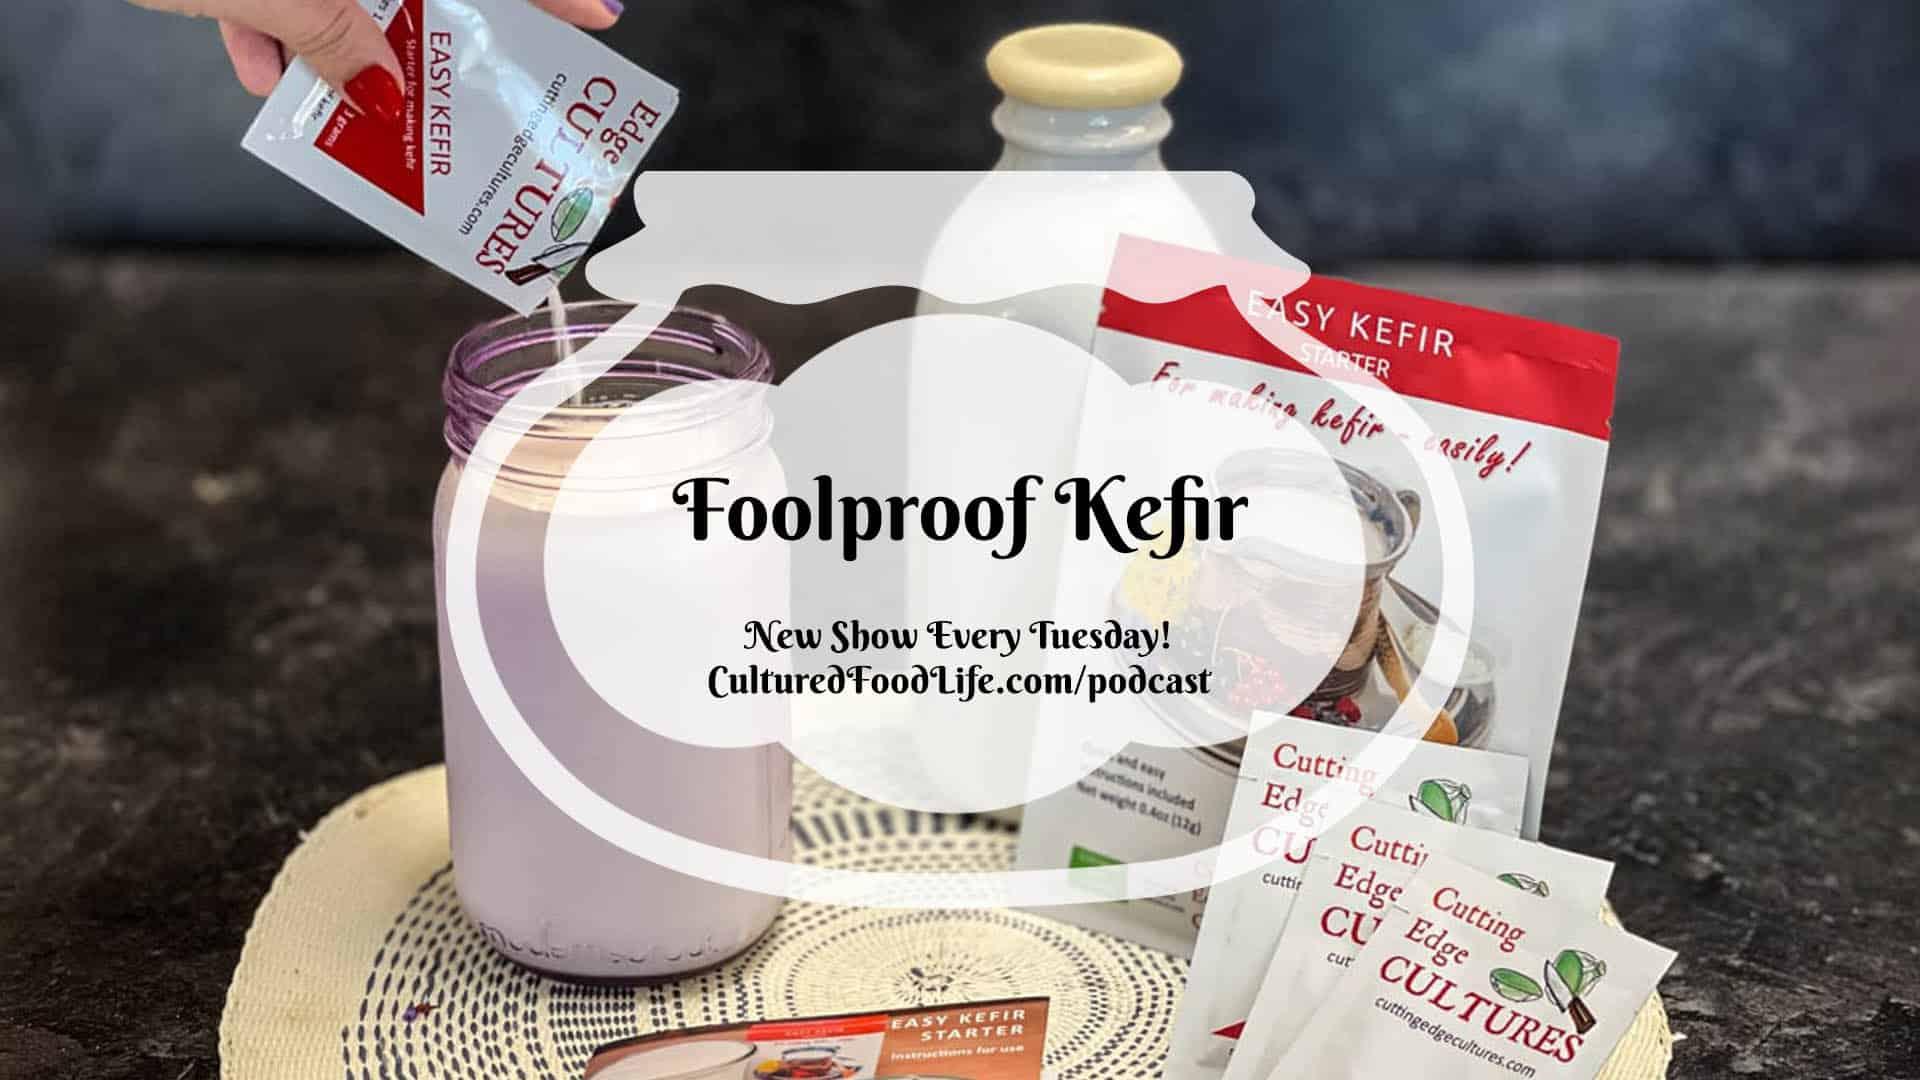 Foolproof Kefir